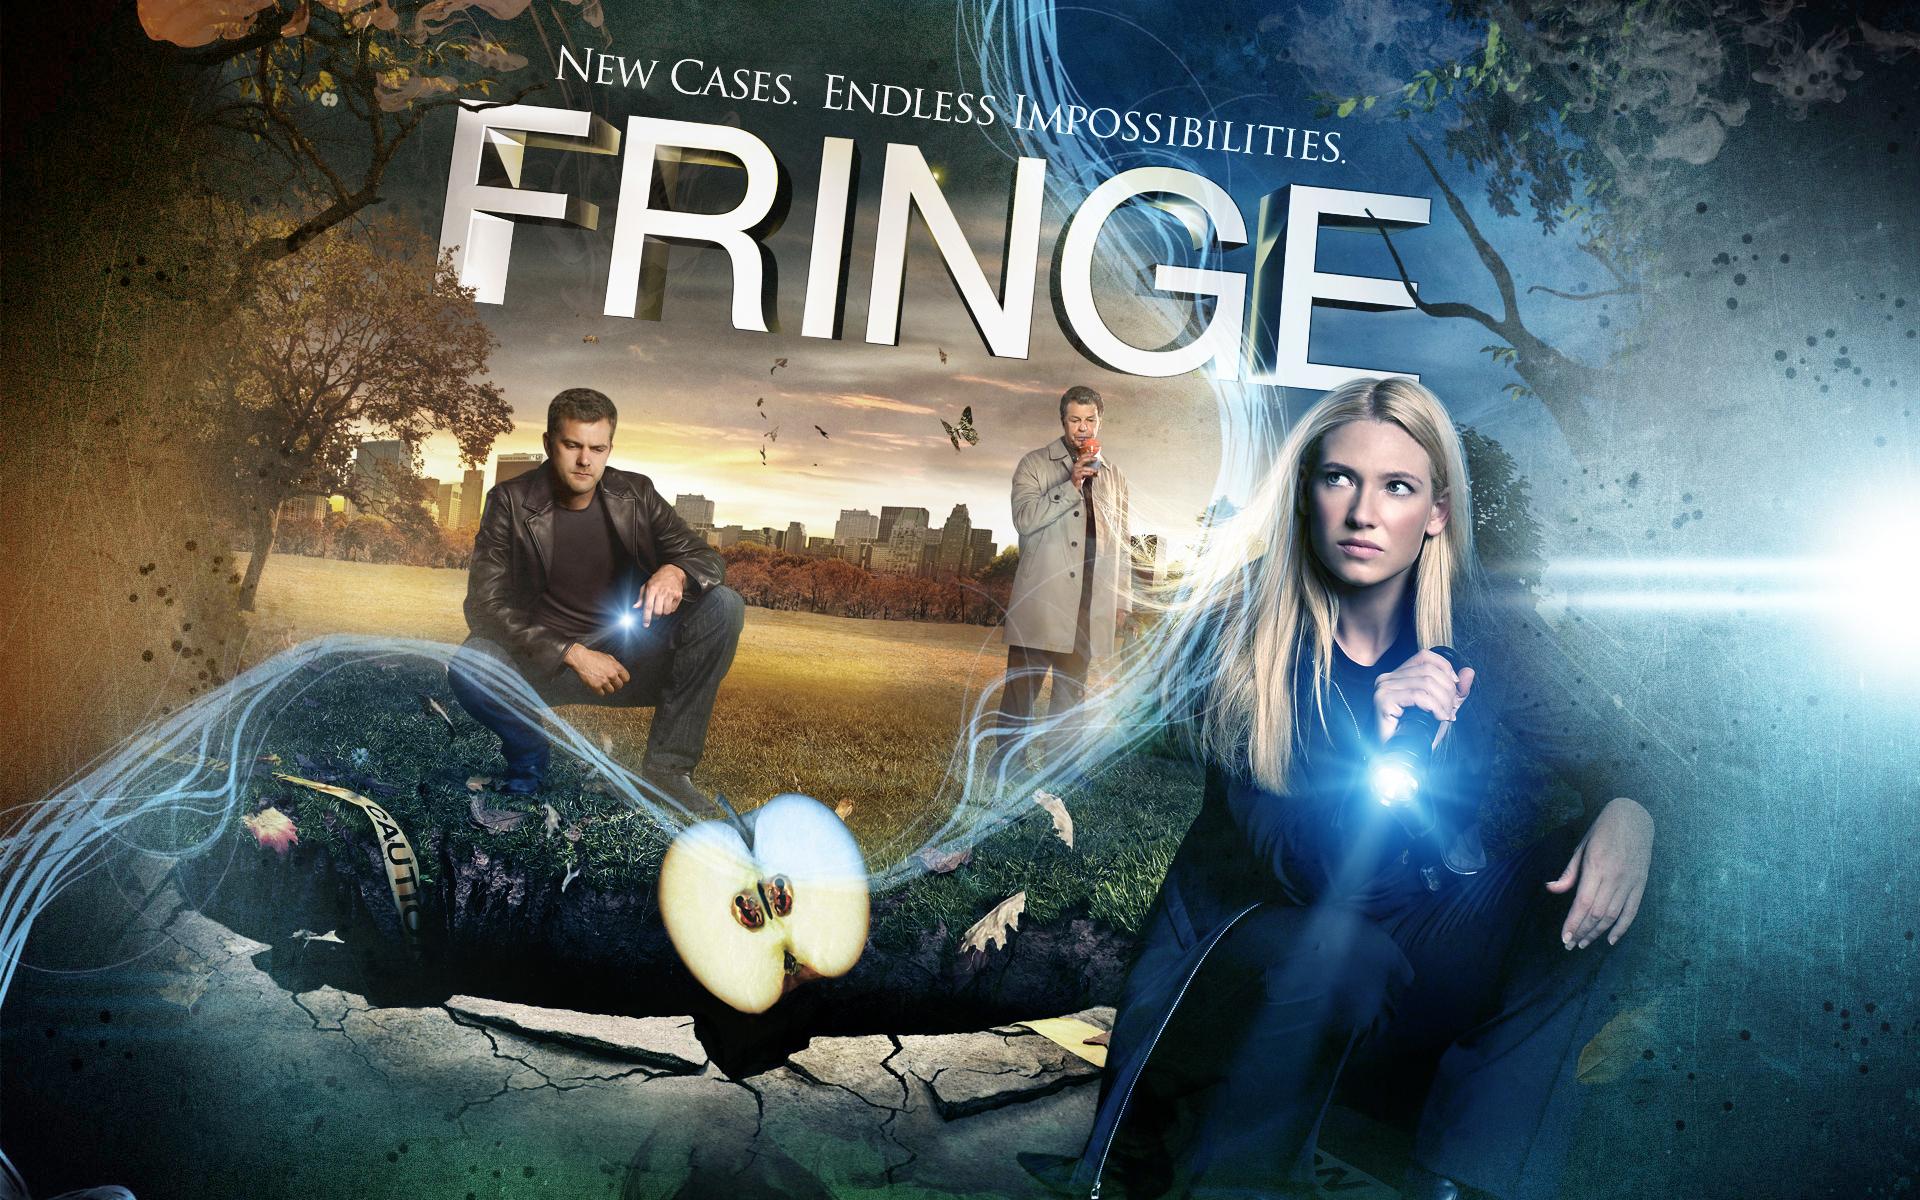 fringe-poster-3.jpg